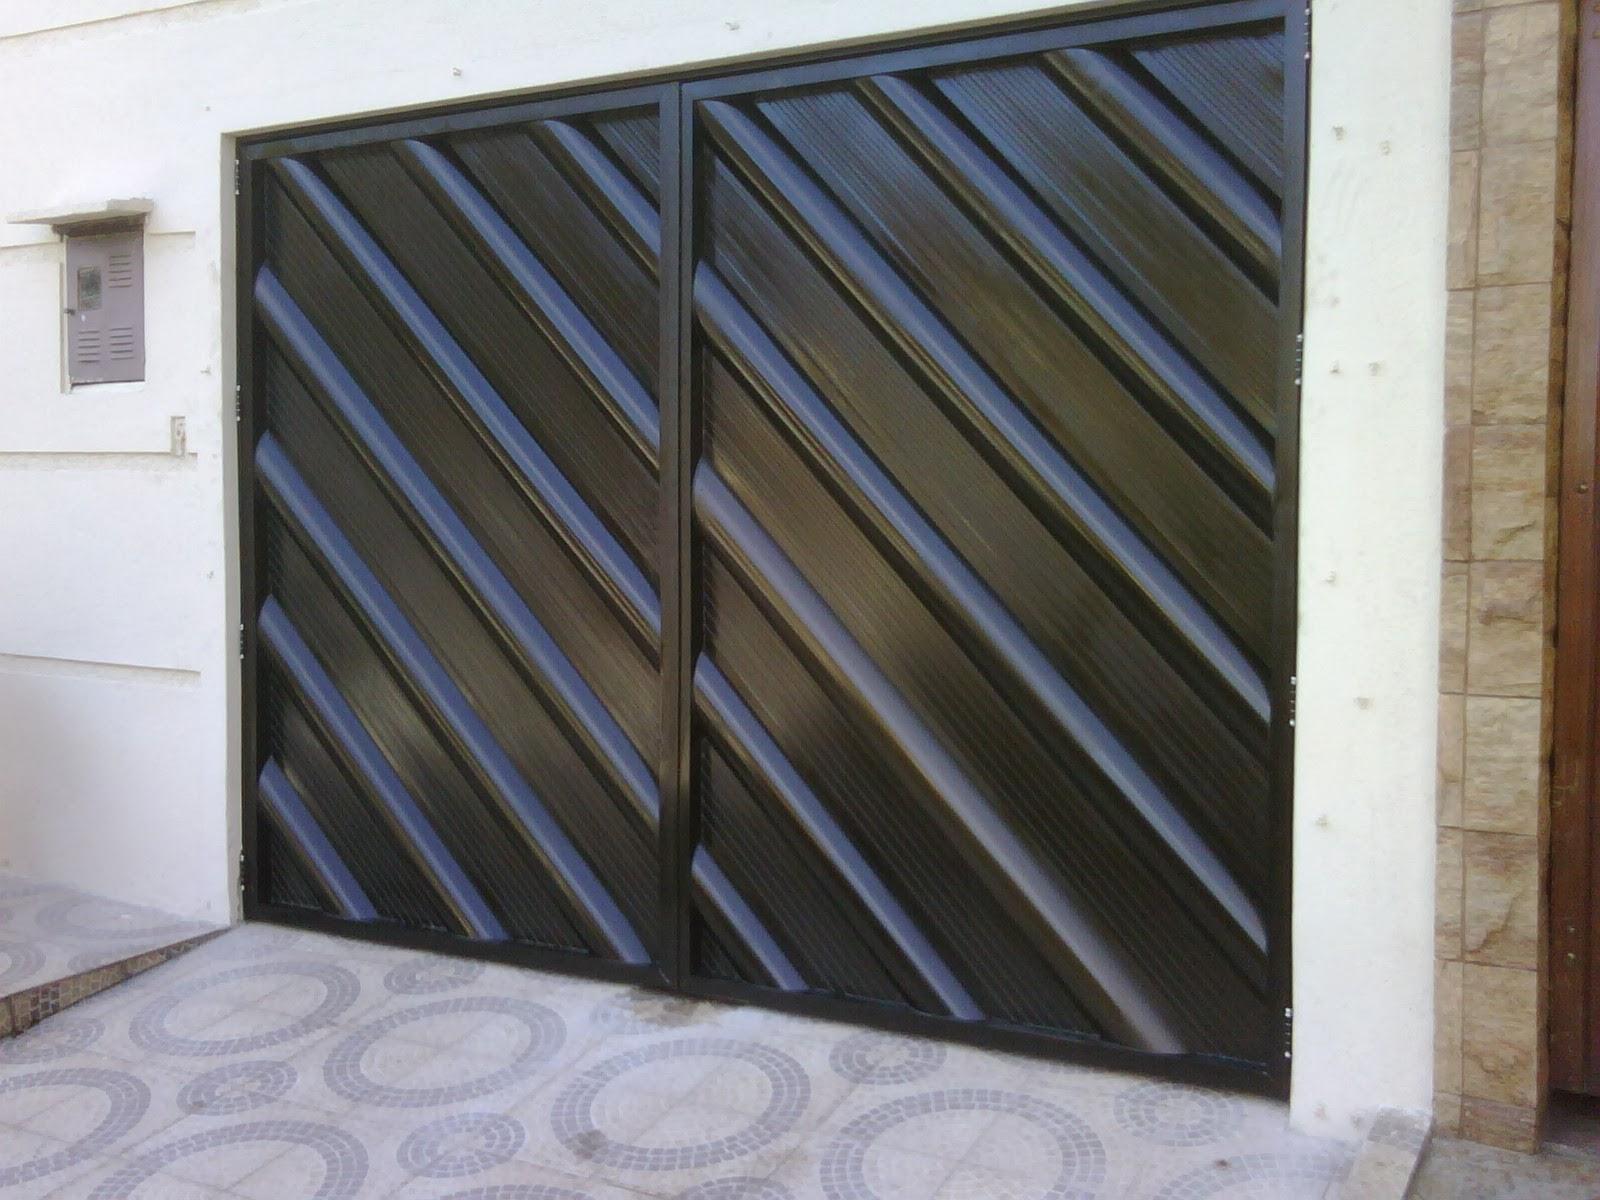 #5C4B39 ARMÁRIO EM VENEZIANA 1456 Suporte Ar Condicionado Janela Aluminio